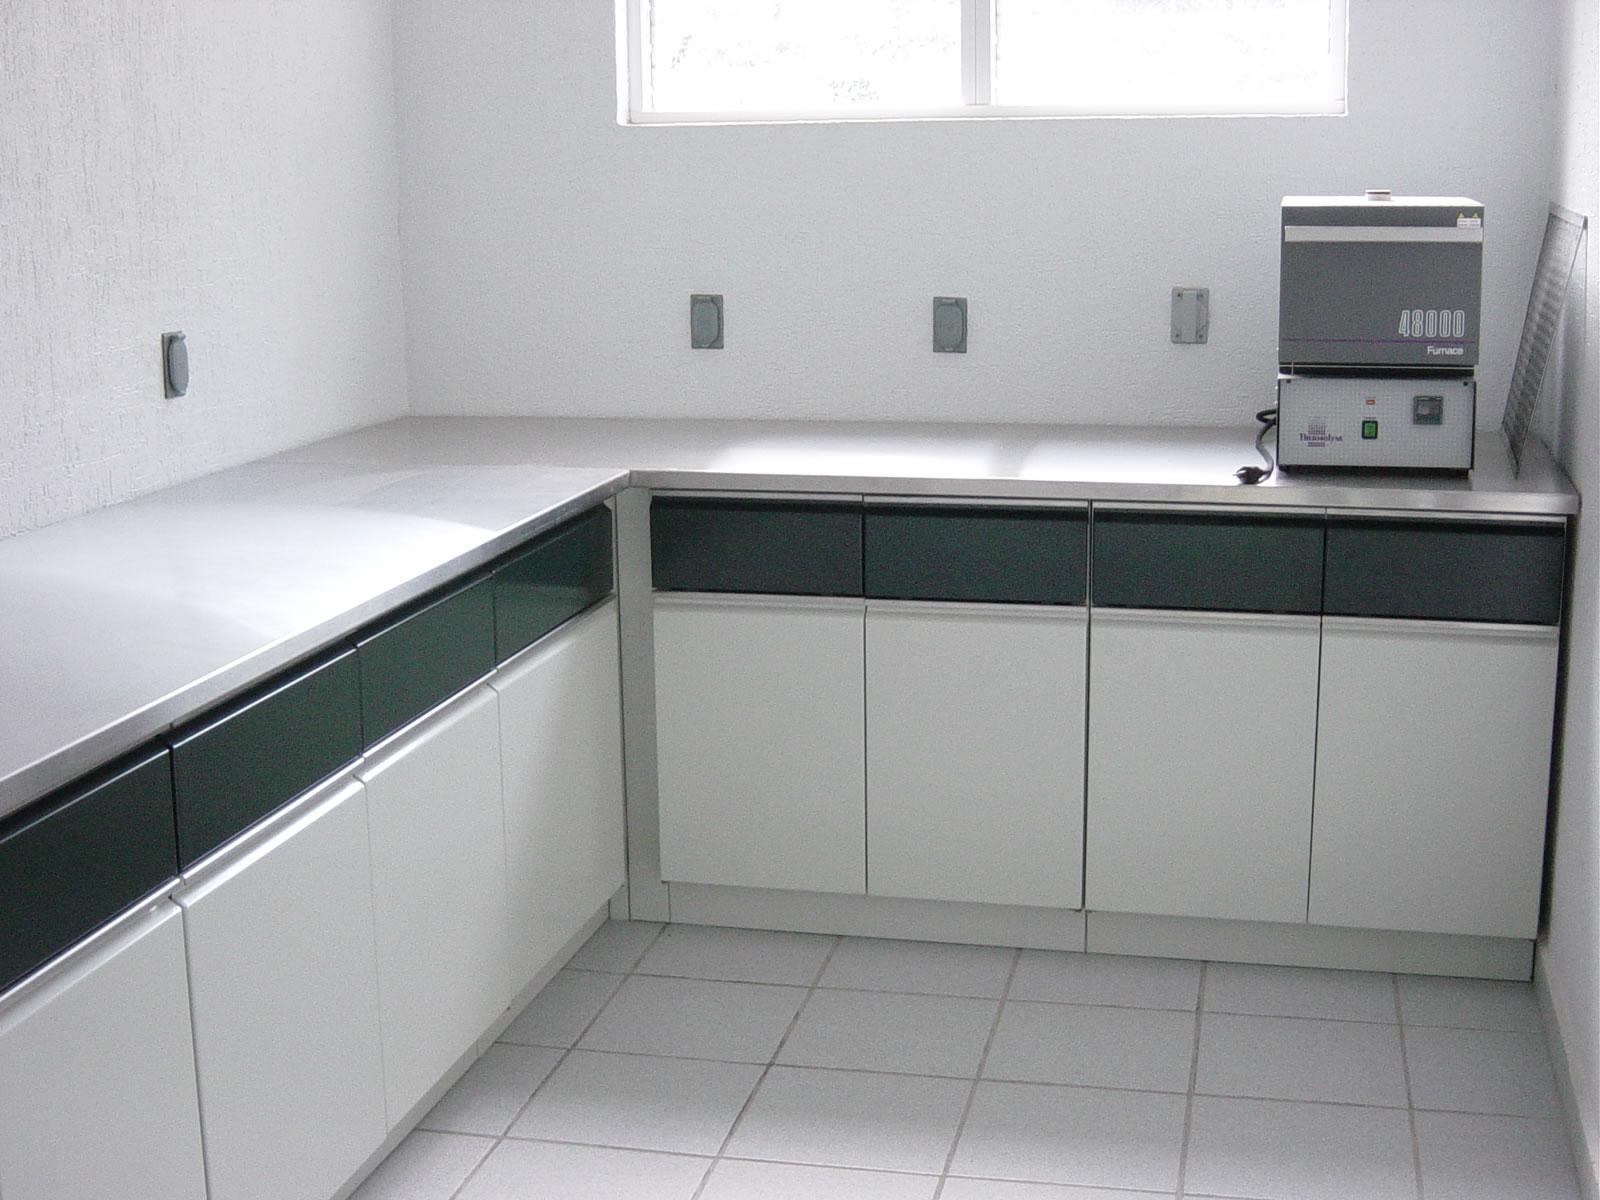 decorar cuartos con manualidades mueble laboratorios